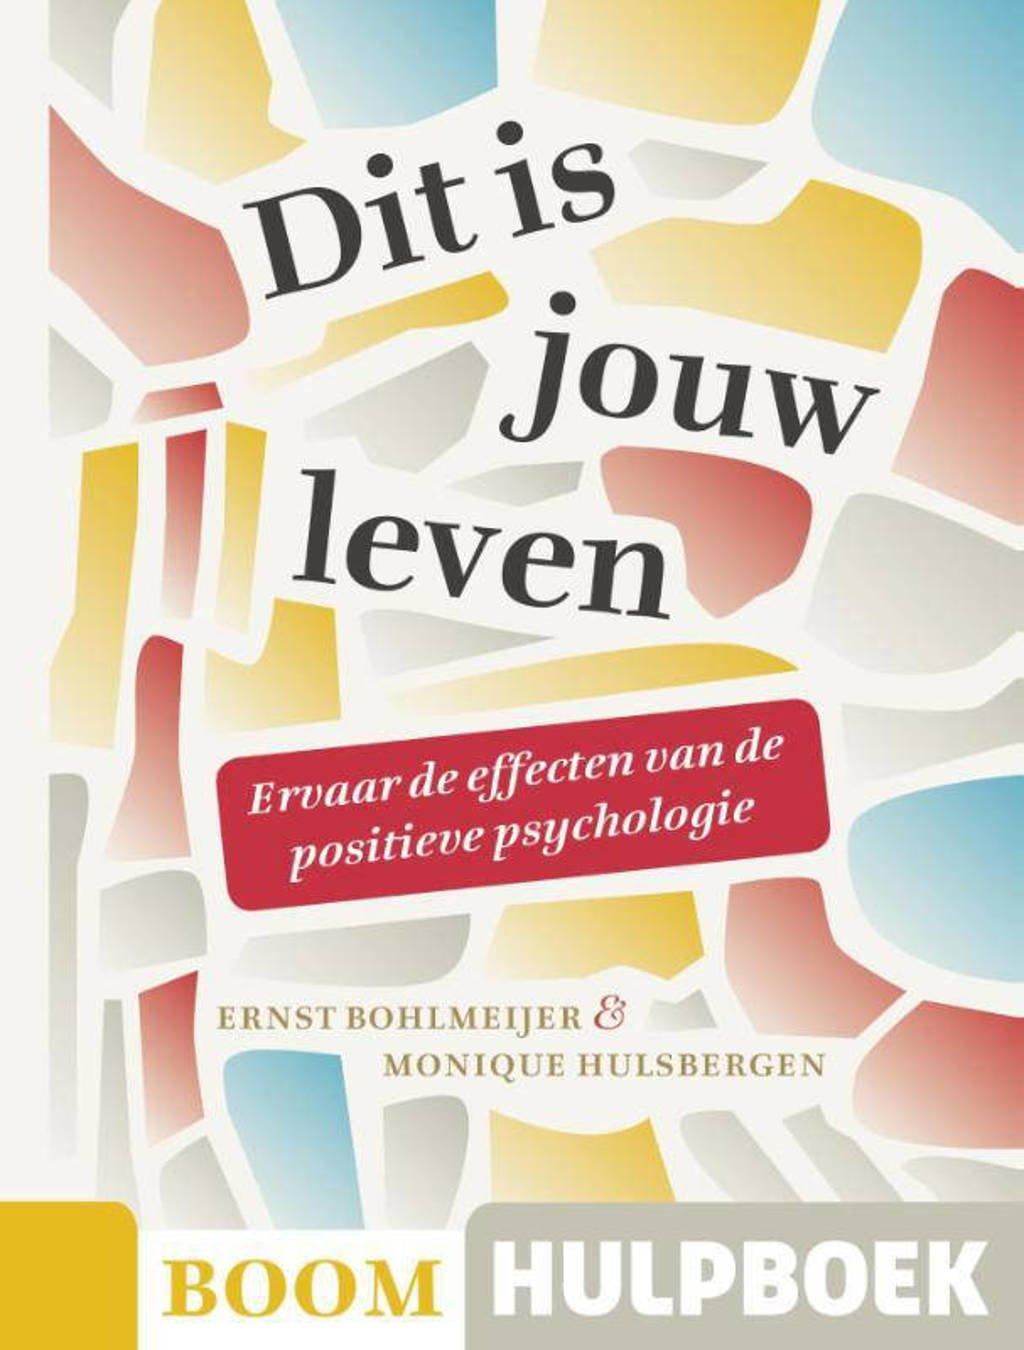 Boom Hulpboek: Dit is jouw leven - Ernst Bohlmeijer en Monique Hulsbergen